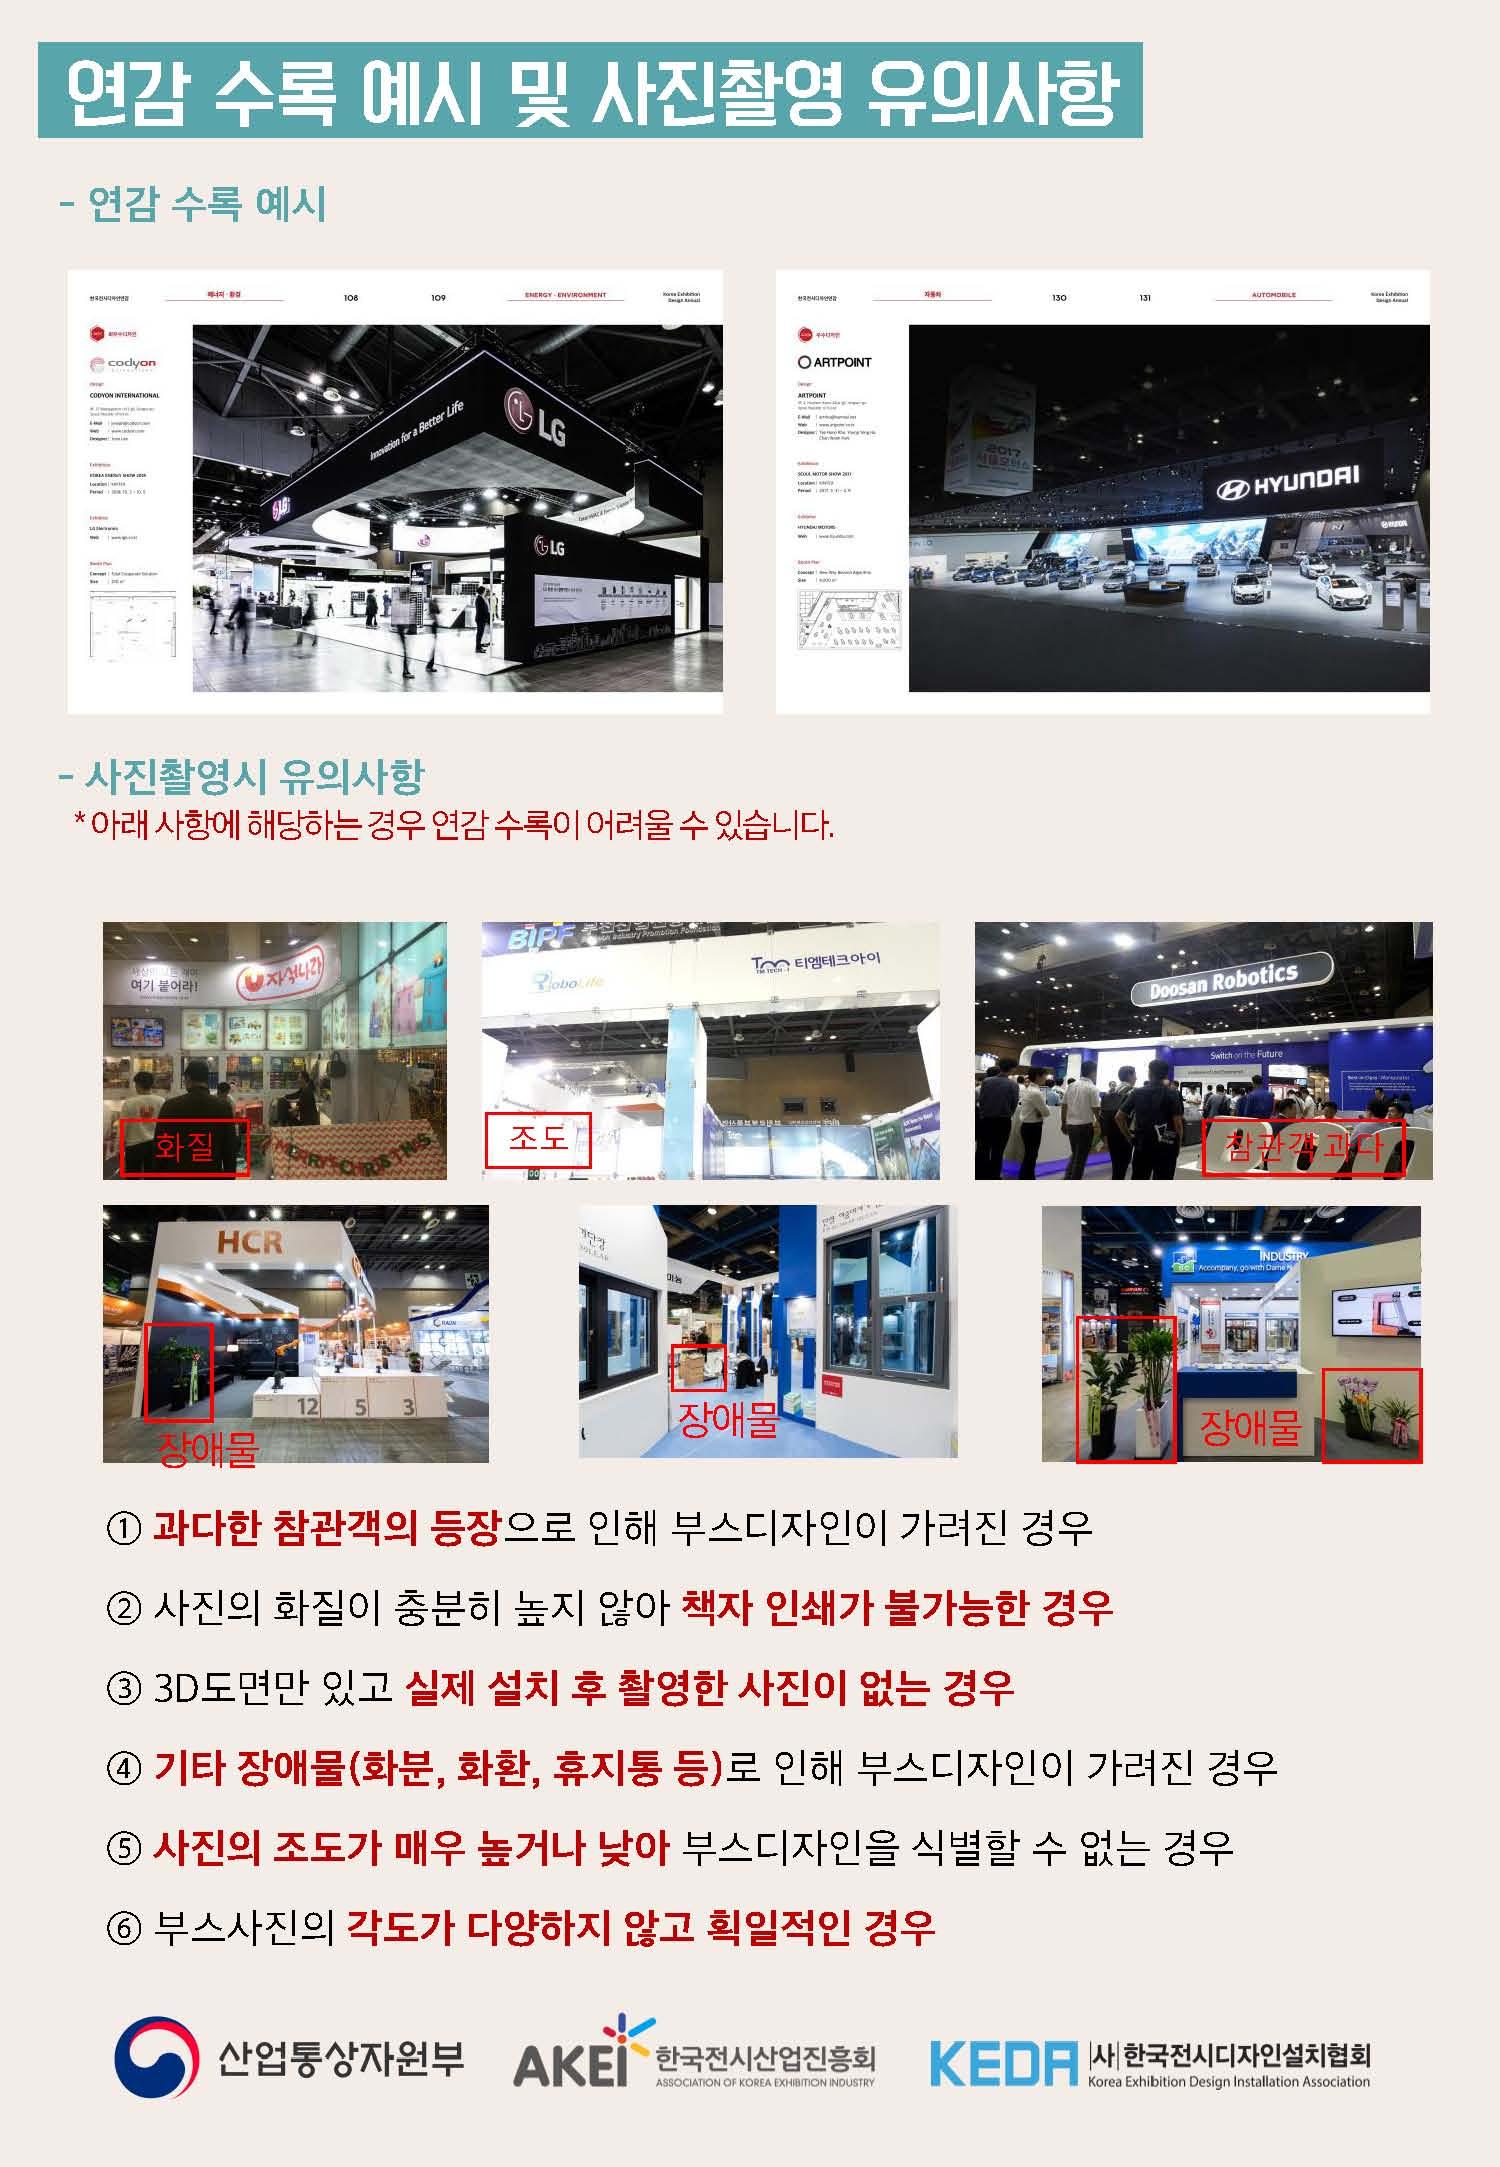 [첨부] 한국전시디자인연감 수록디자인 모집 안내_페이지_2.jpg